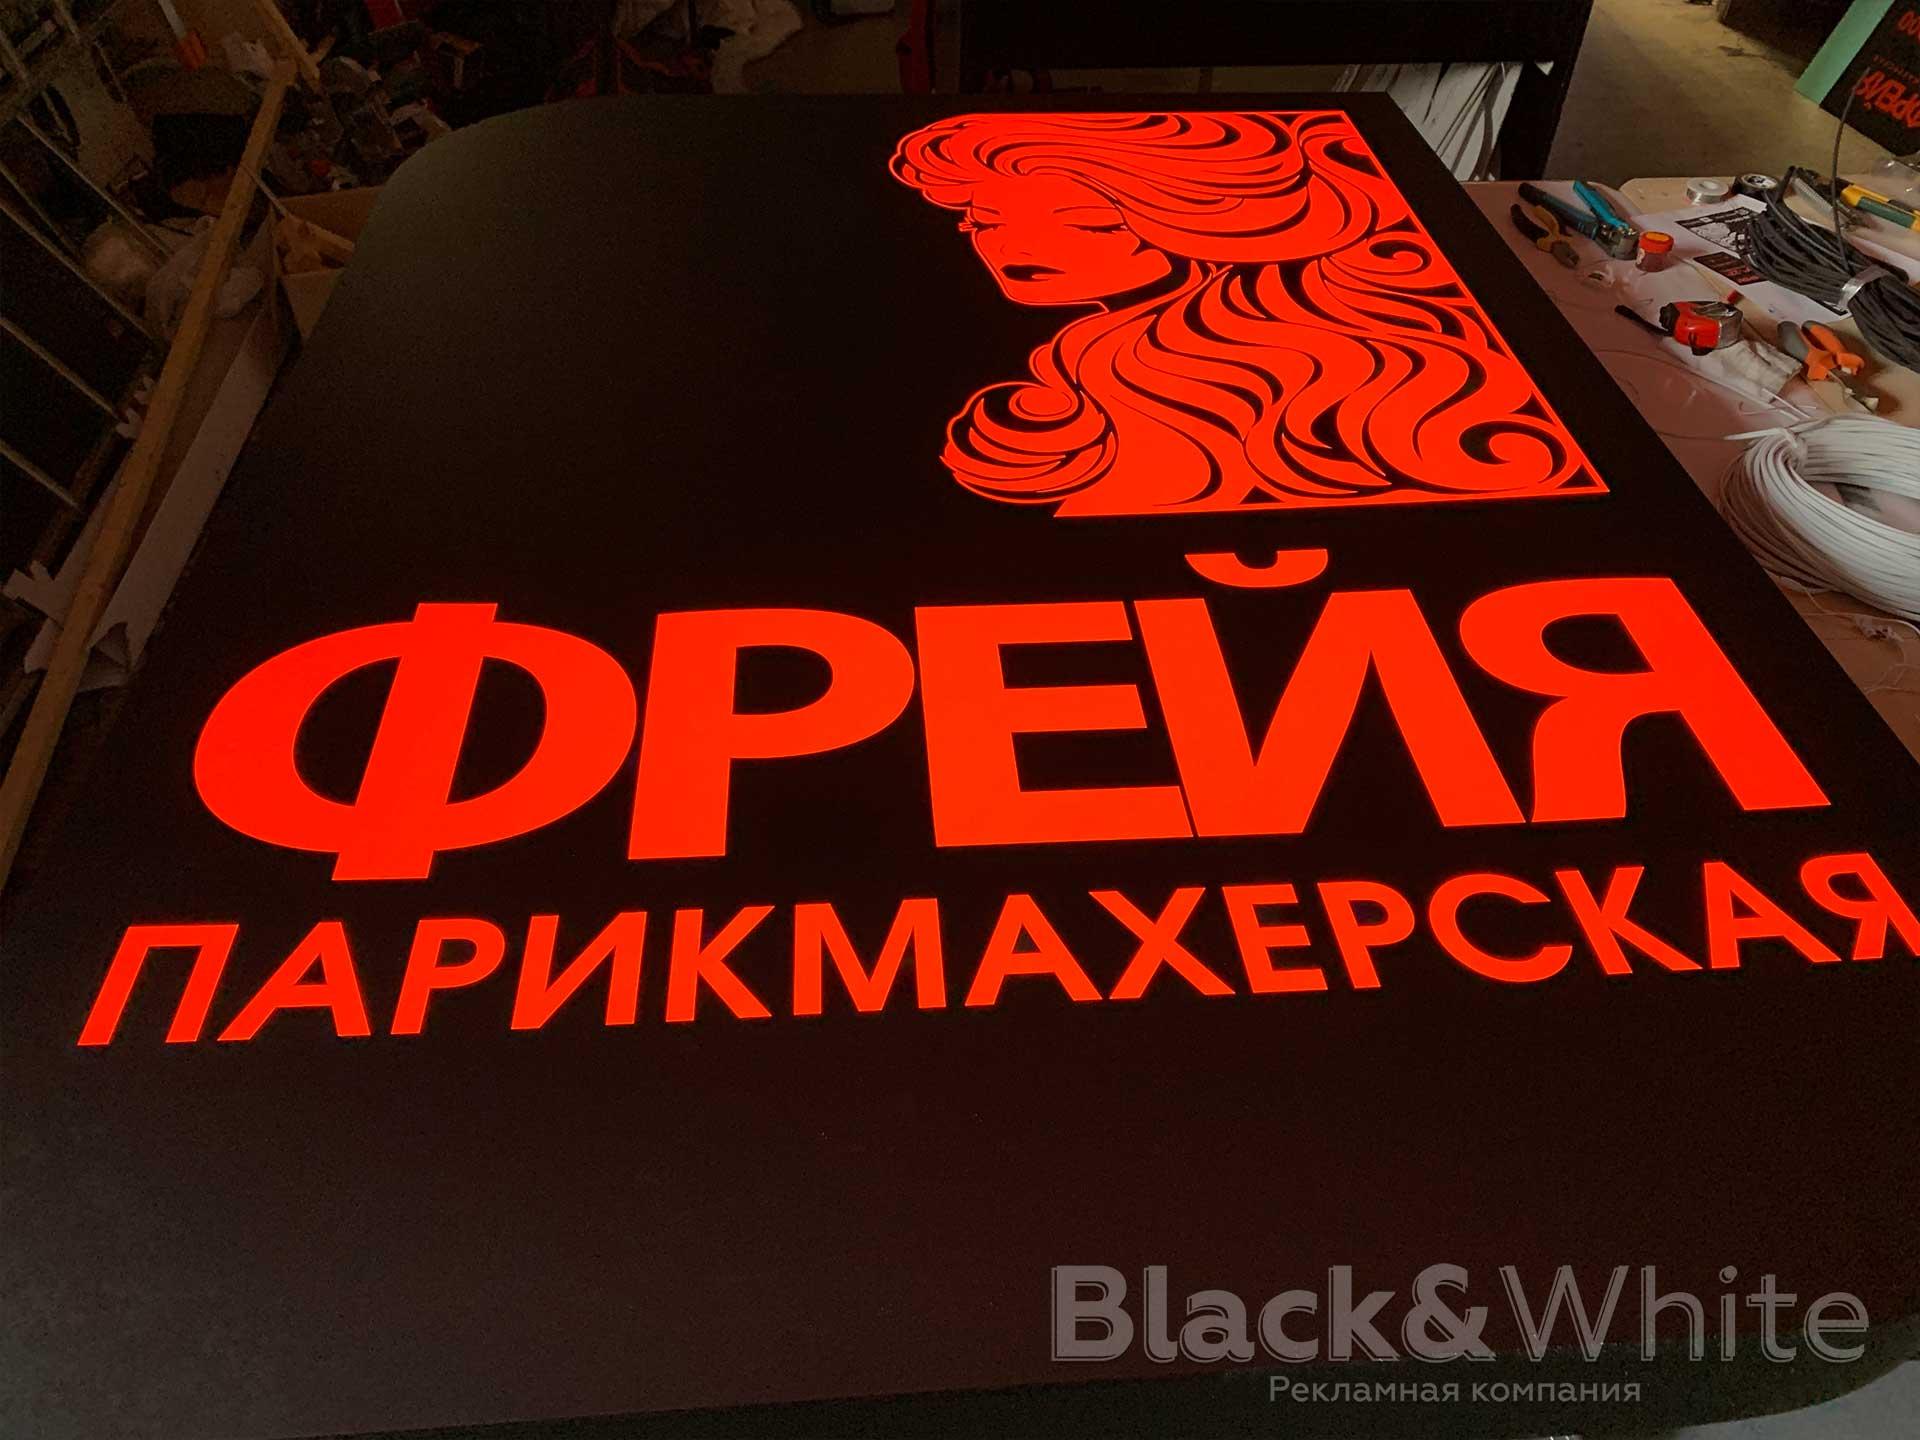 Световой-короб-для-салона-красоты-световая-вывеска-изготовление-в-Красноярске-Black&White-1.jpg